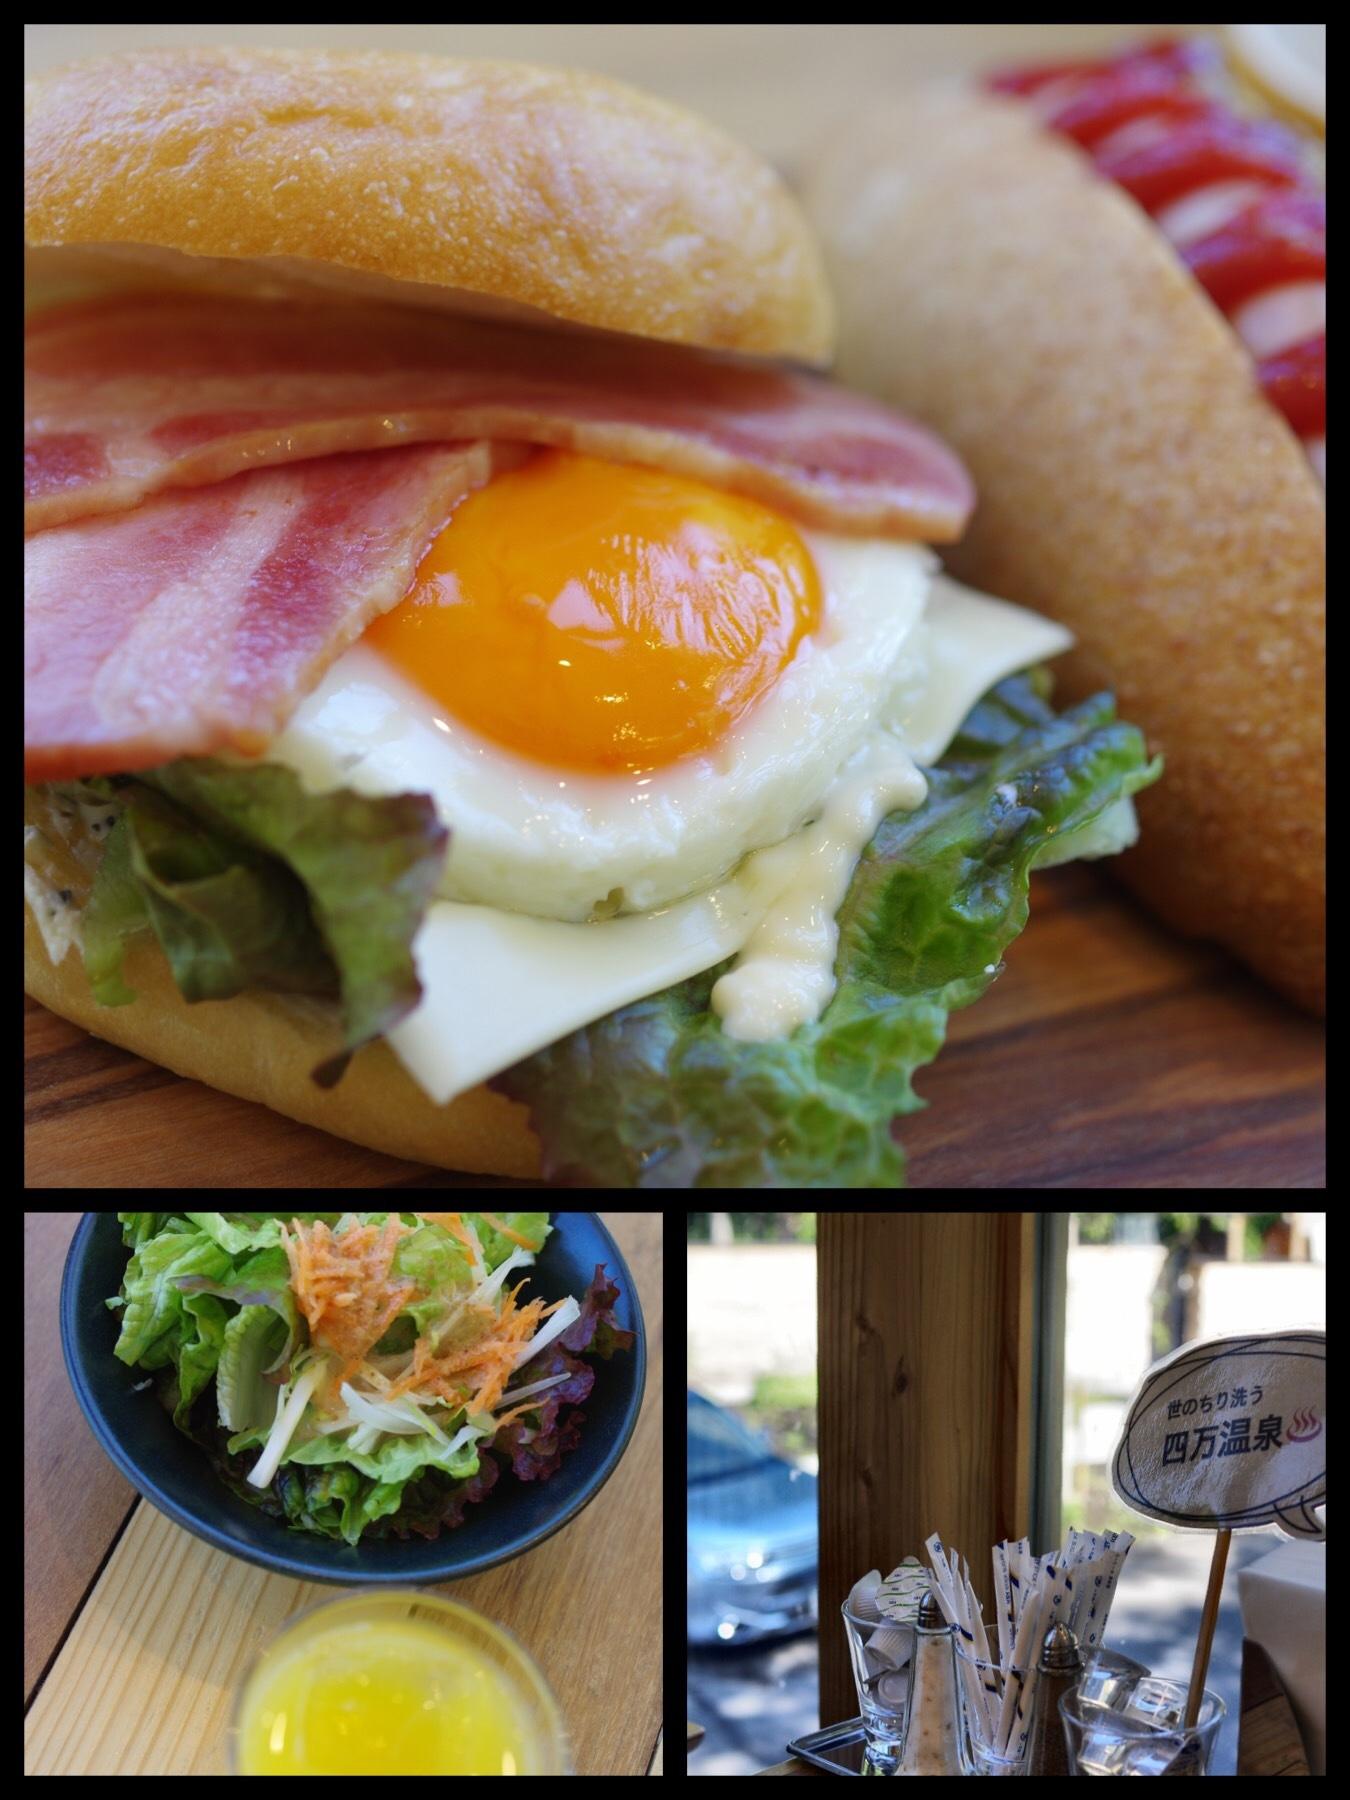 四万温泉 Shima blue 宿泊記 シマブルー グランピング 朝食